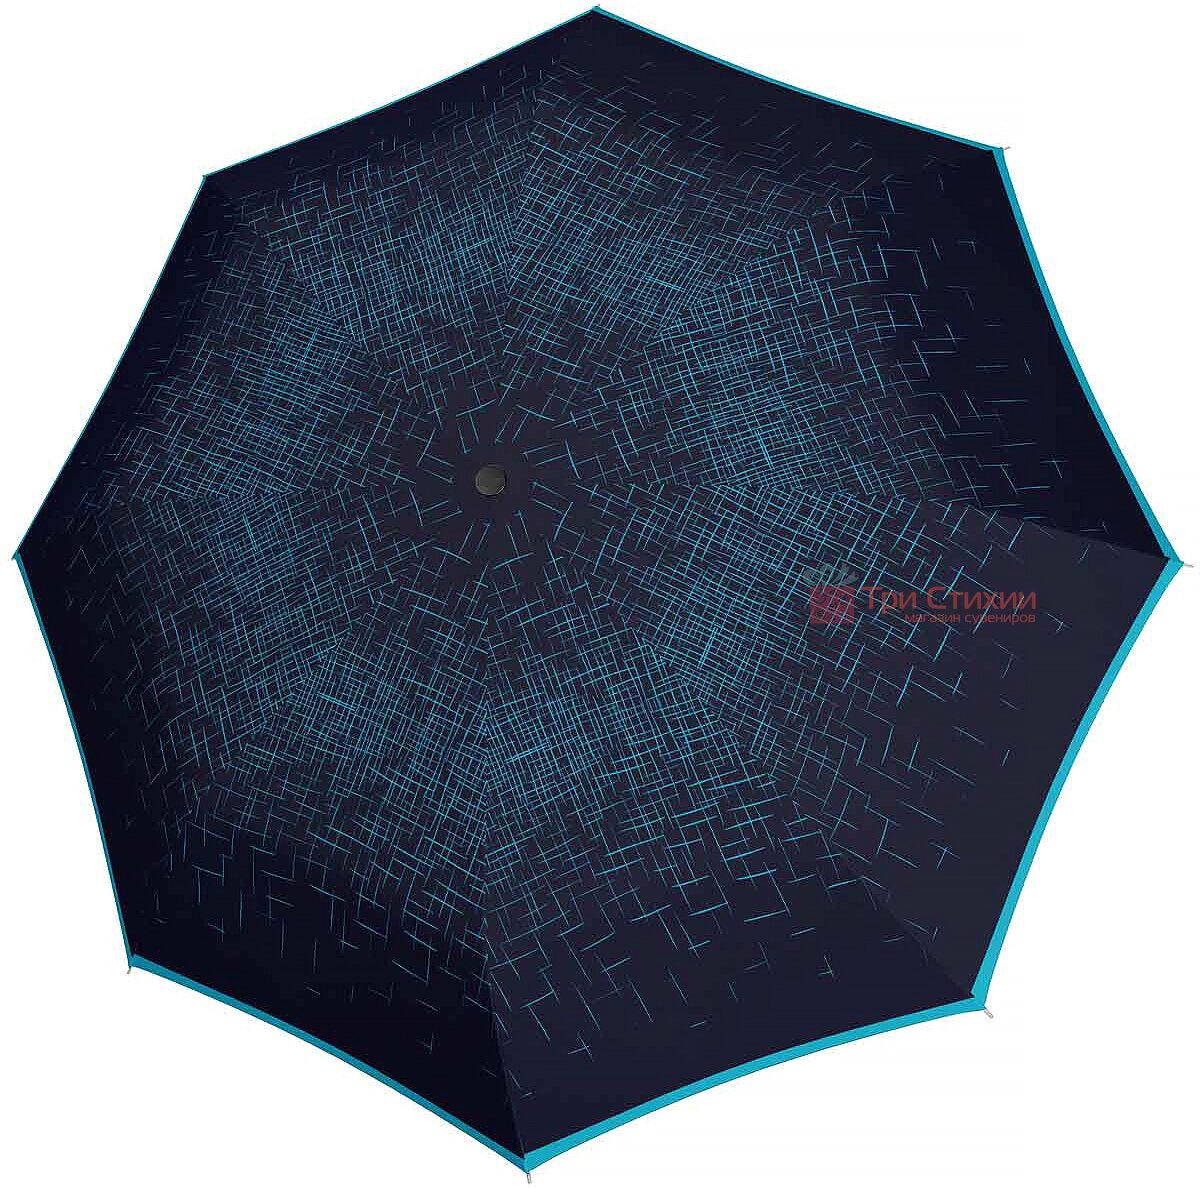 Зонт складной Doppler Carbonsteel 744865P03 автомат Синий, Цвет: Синий, фото